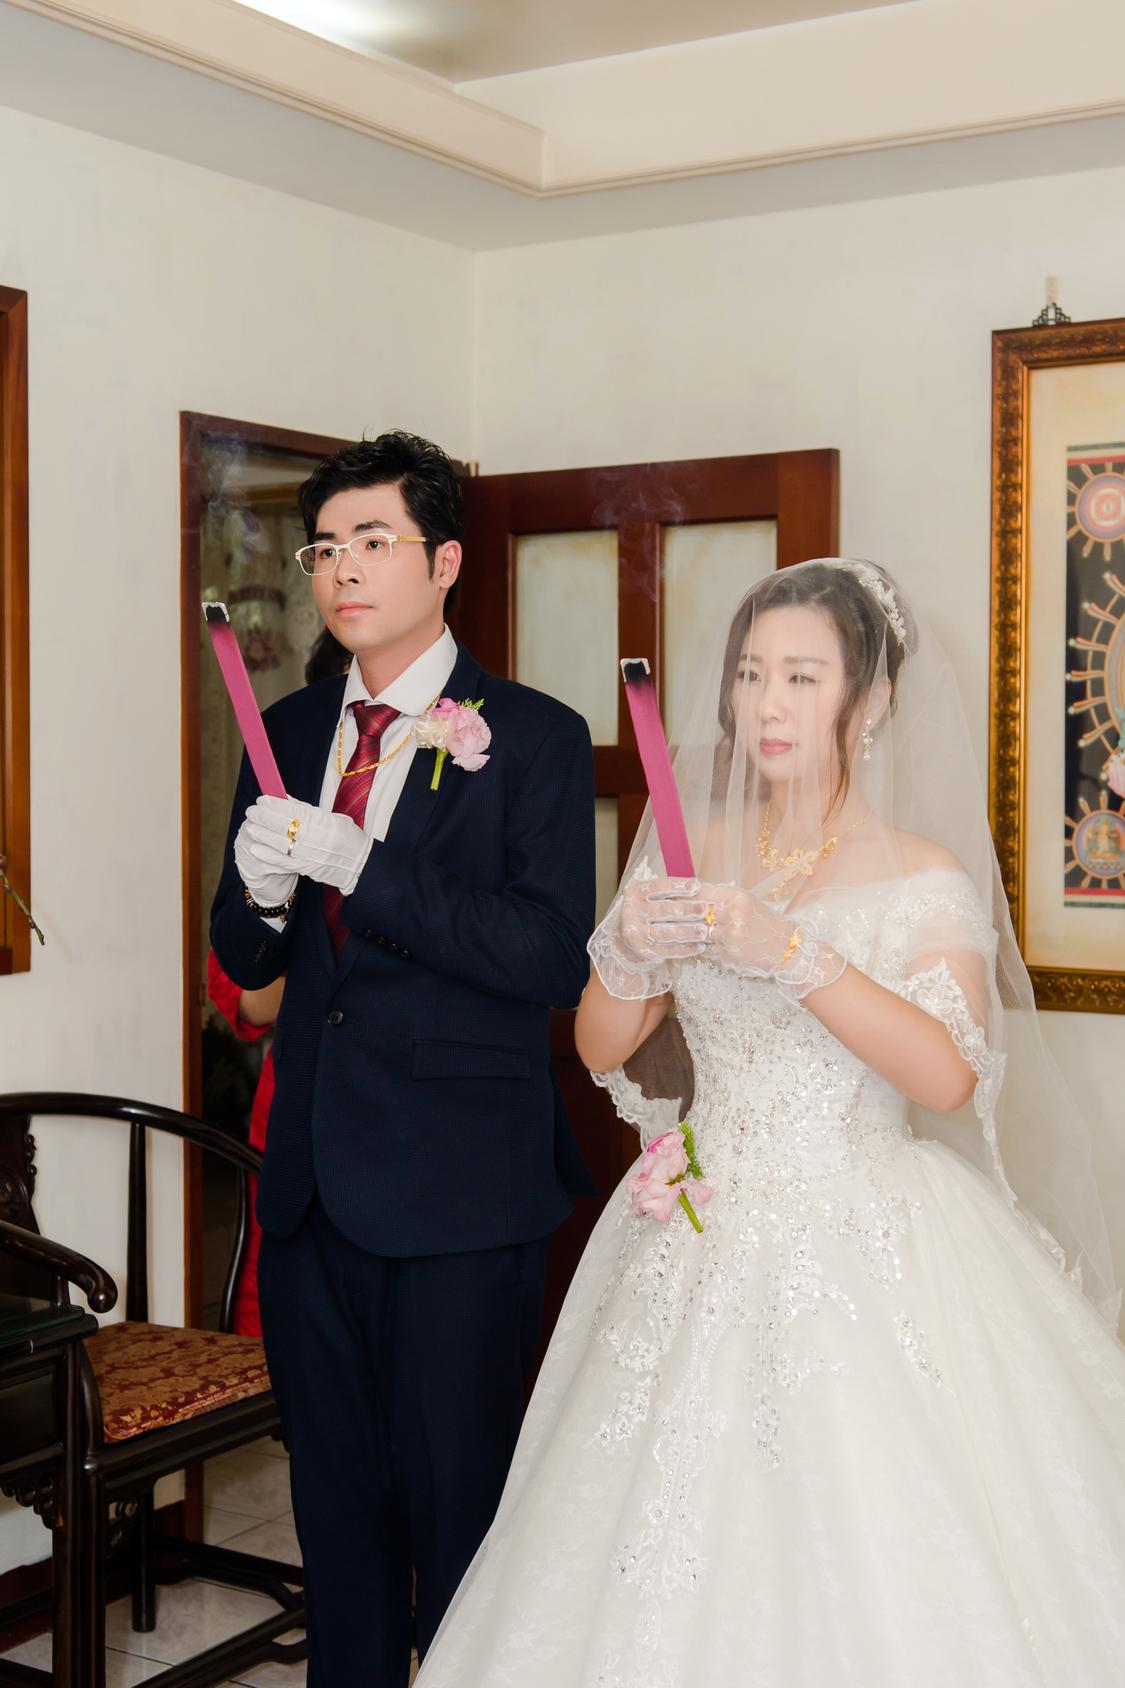 【比堤婚紗.結婚.婚禮紀錄】哲宇 ♥ 貝恩_29